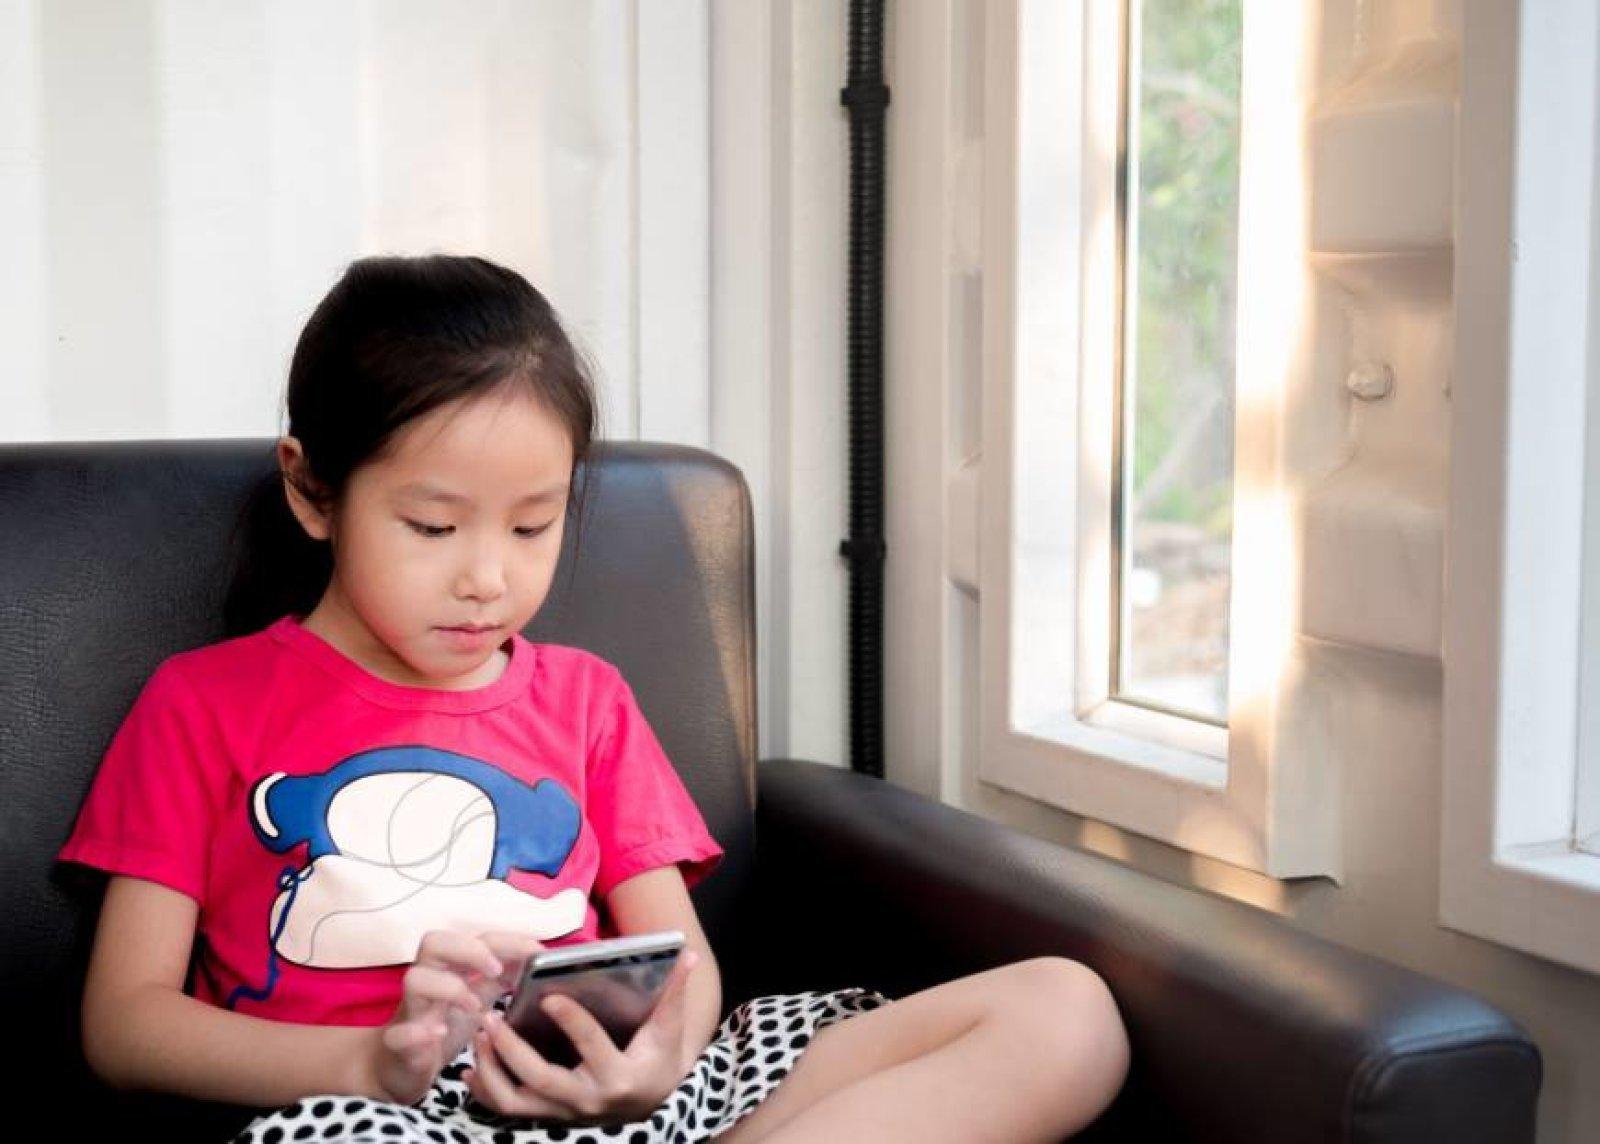 Nhật Bản cho rằng smartphone đang làm hỏng thị lực học sinh